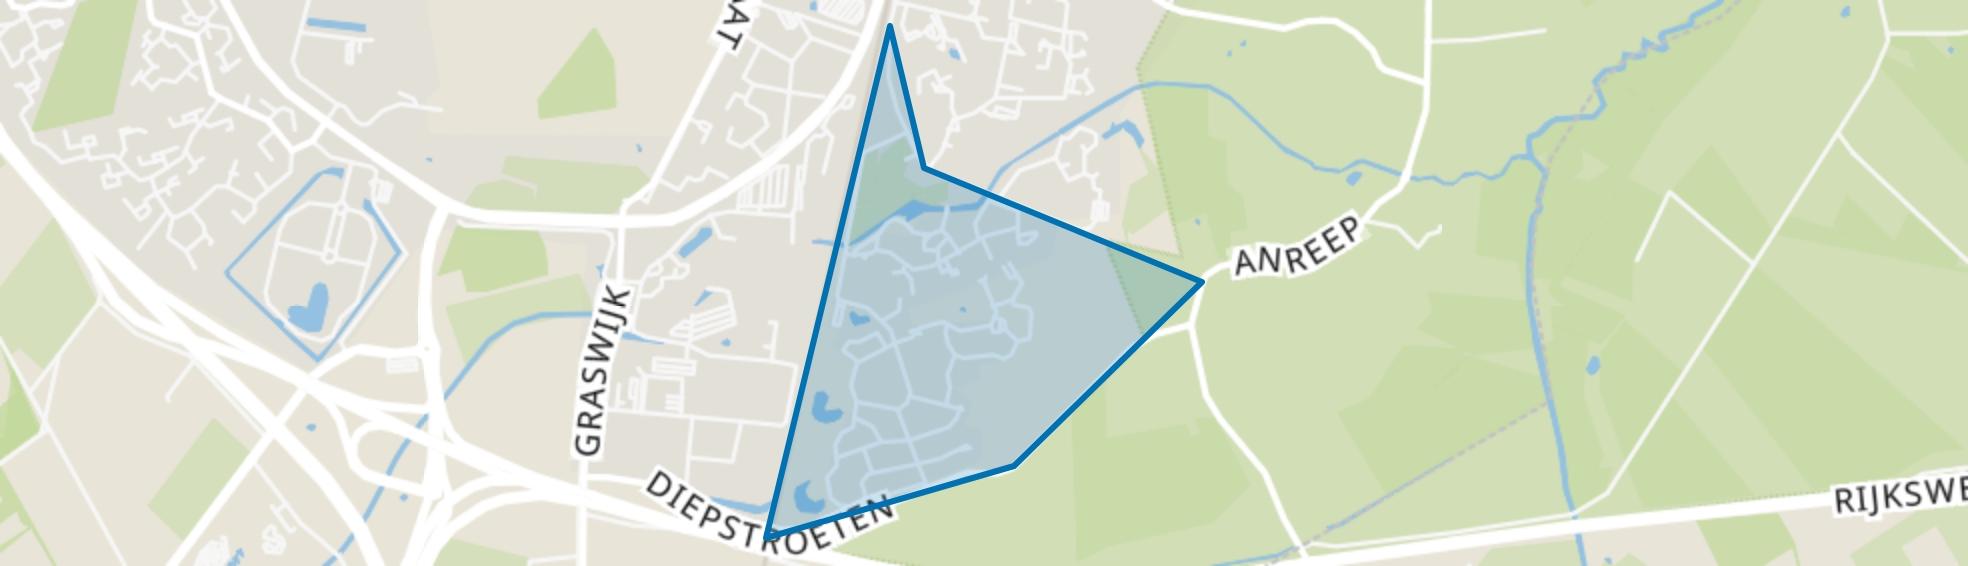 Park Diepstroeten, Assen map